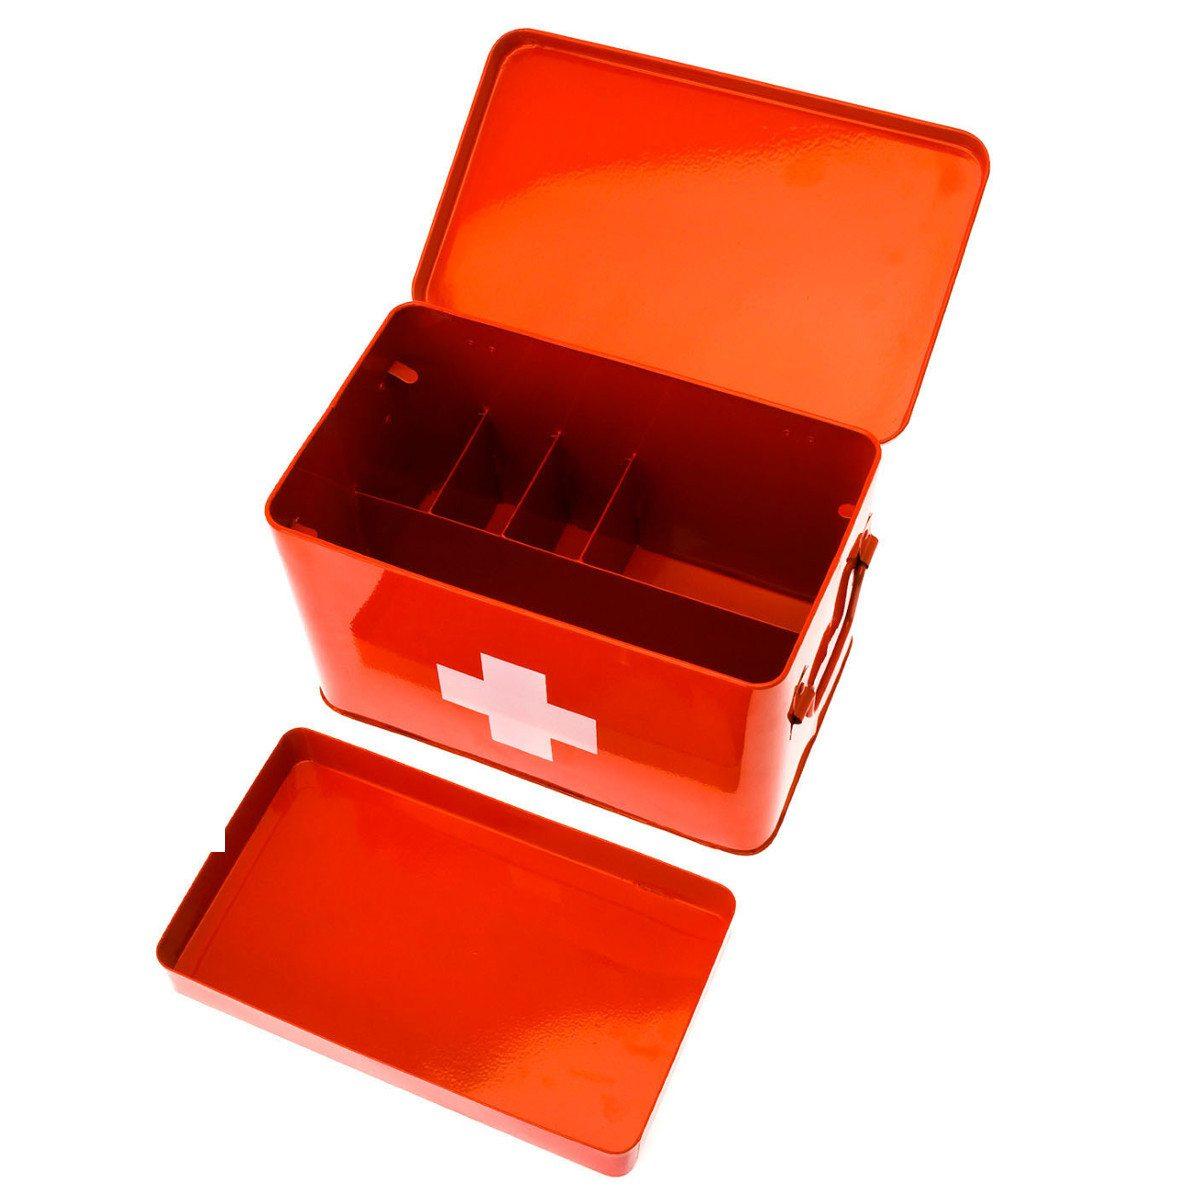 Førstehjælpskasse med hvidt kors motiv